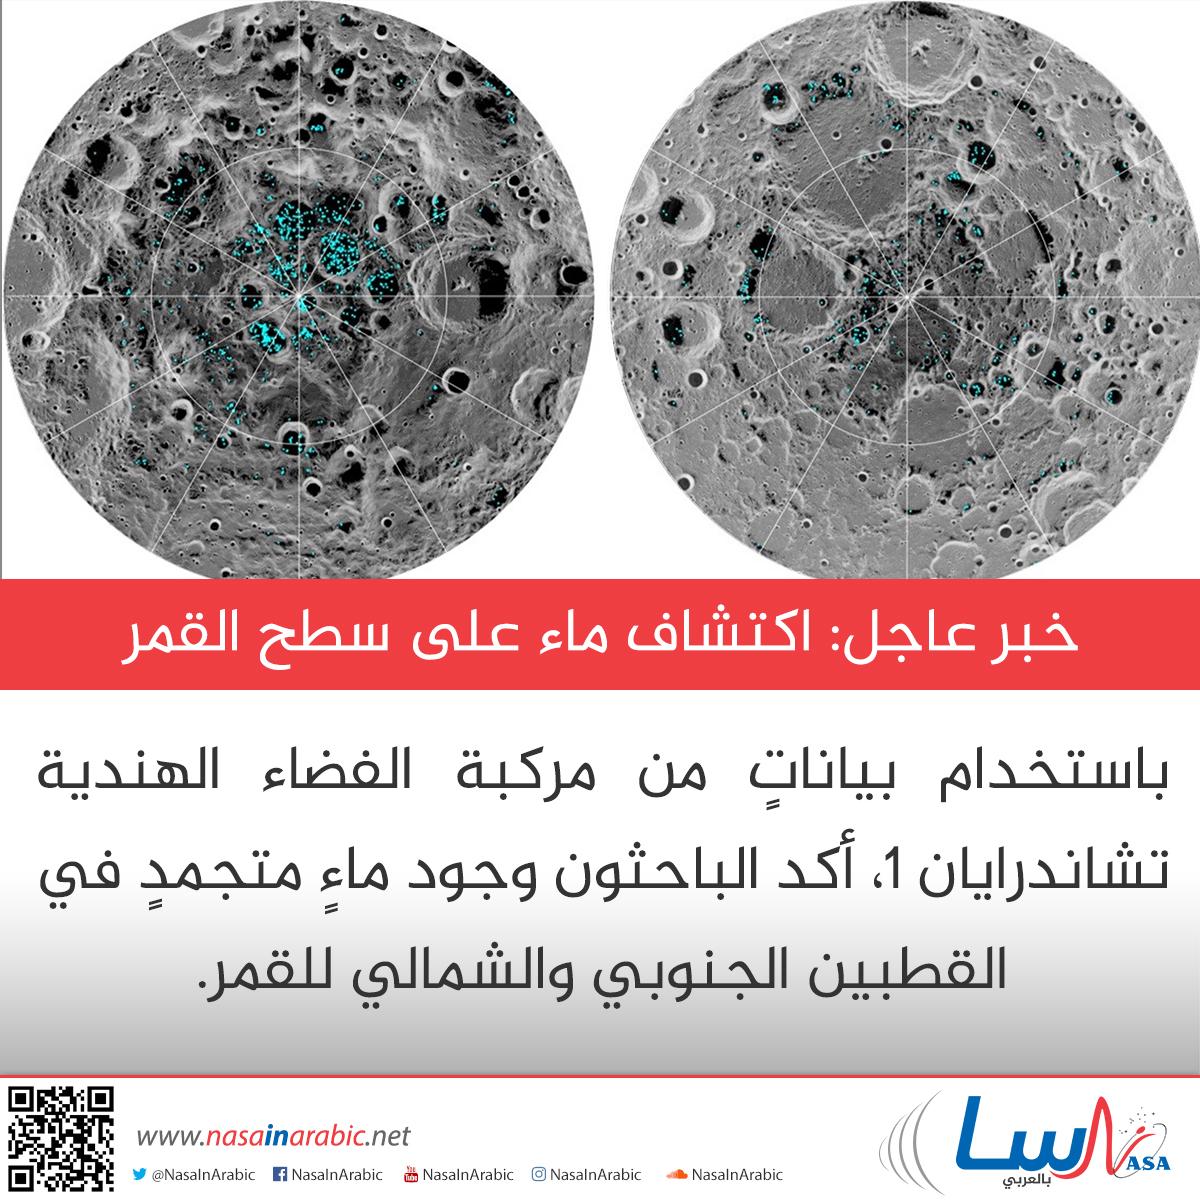 عاجل: اكتشاف ماء على سطح القمر